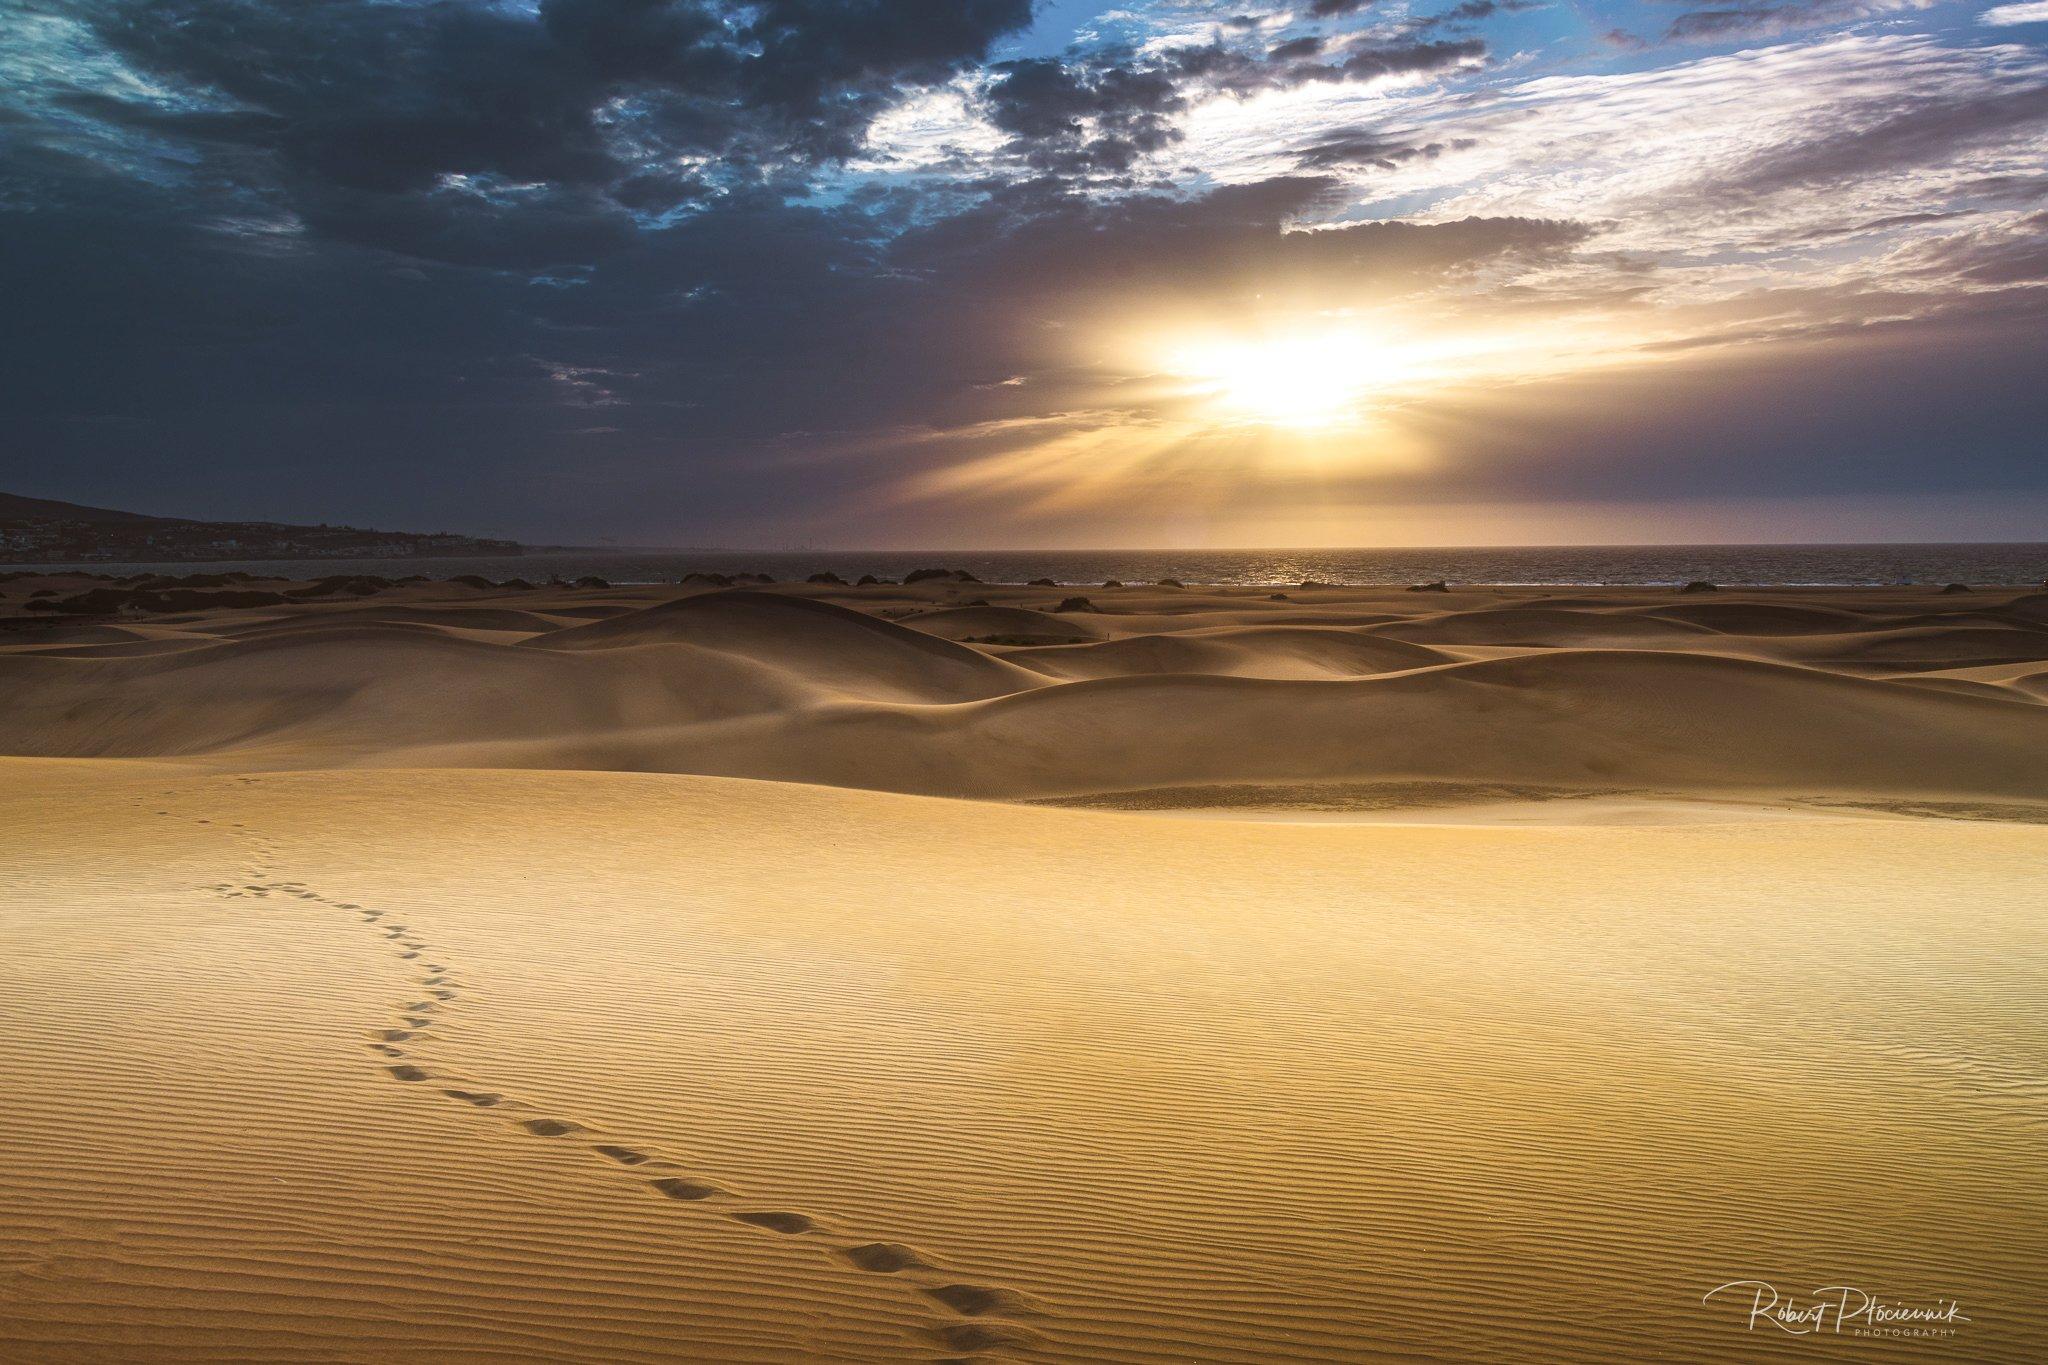 dunes, Płóciennik Robert